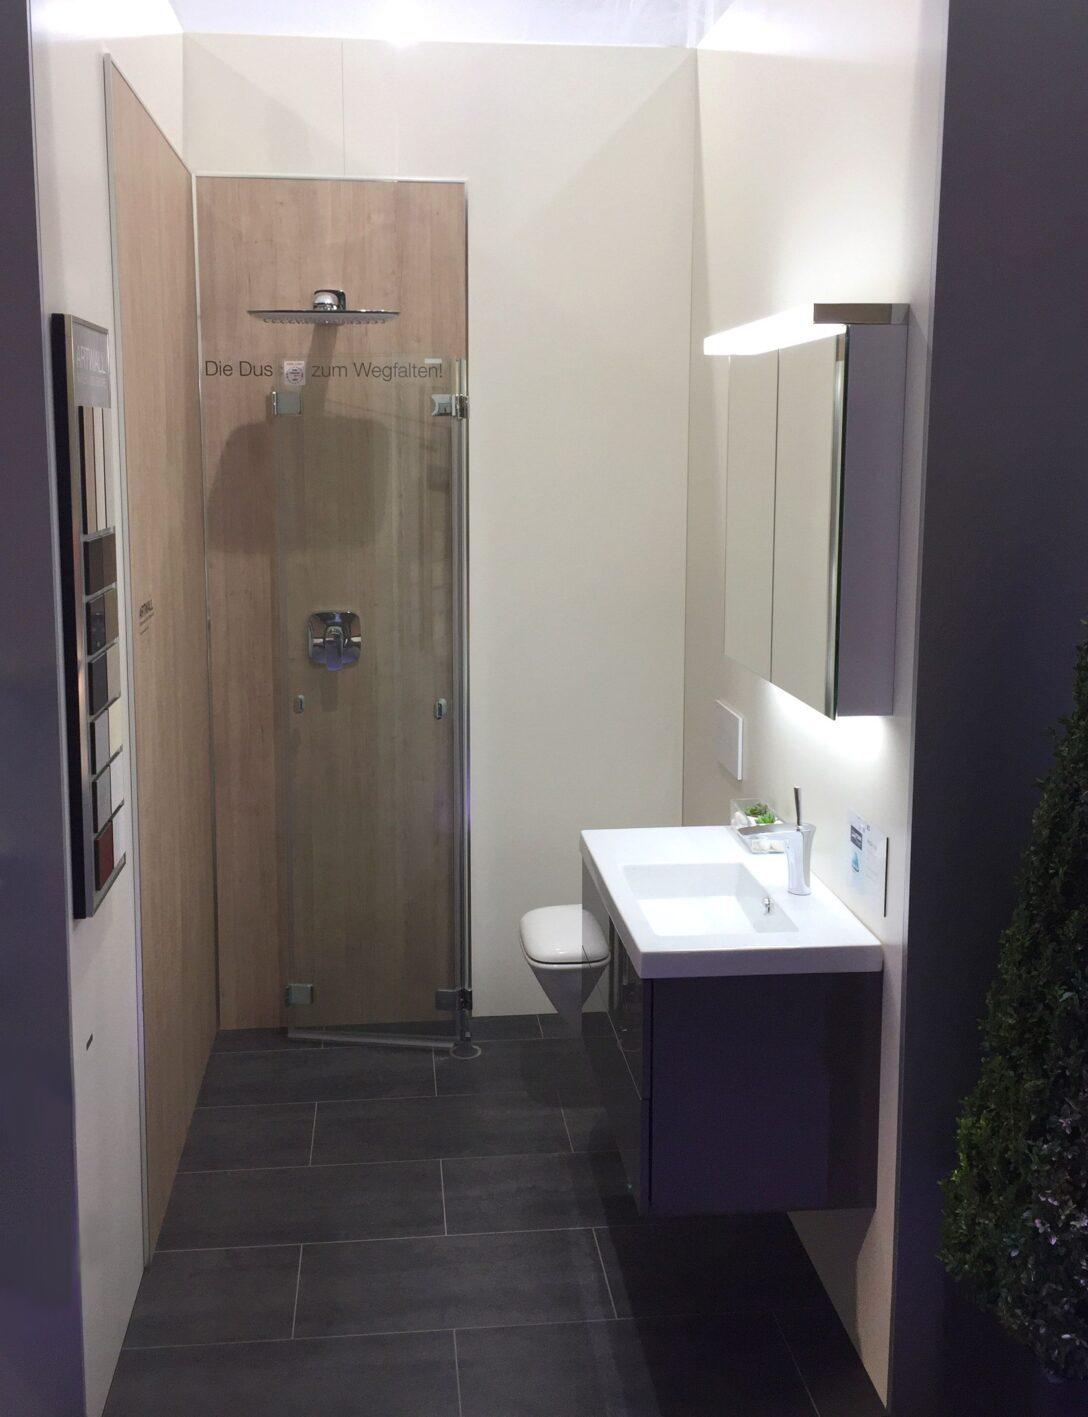 Large Size of In Diesem Minibad Findet Waschbecken Bodenebene Dusche Wandbelag Küche Wandbilder Schlafzimmer Walk 80x80 Haltegriff Begehbare Ohne Tür Bett Wand Pendeltür Dusche Dusche Wand